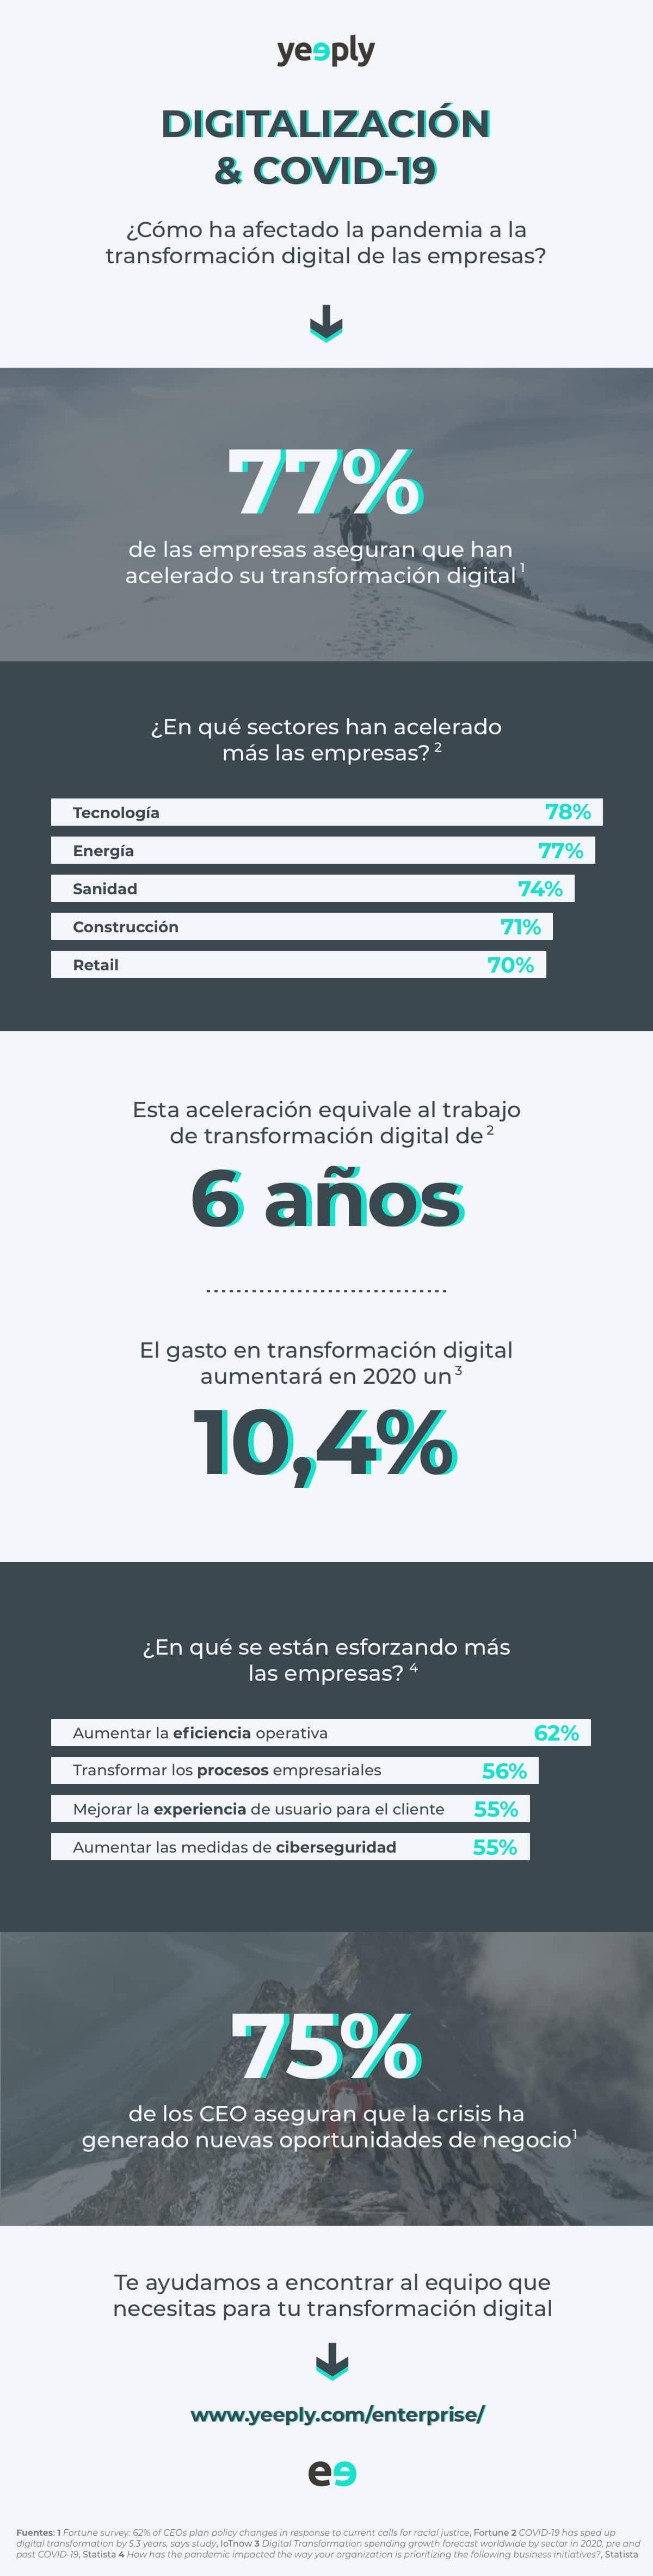 infografía digitalisación covid19